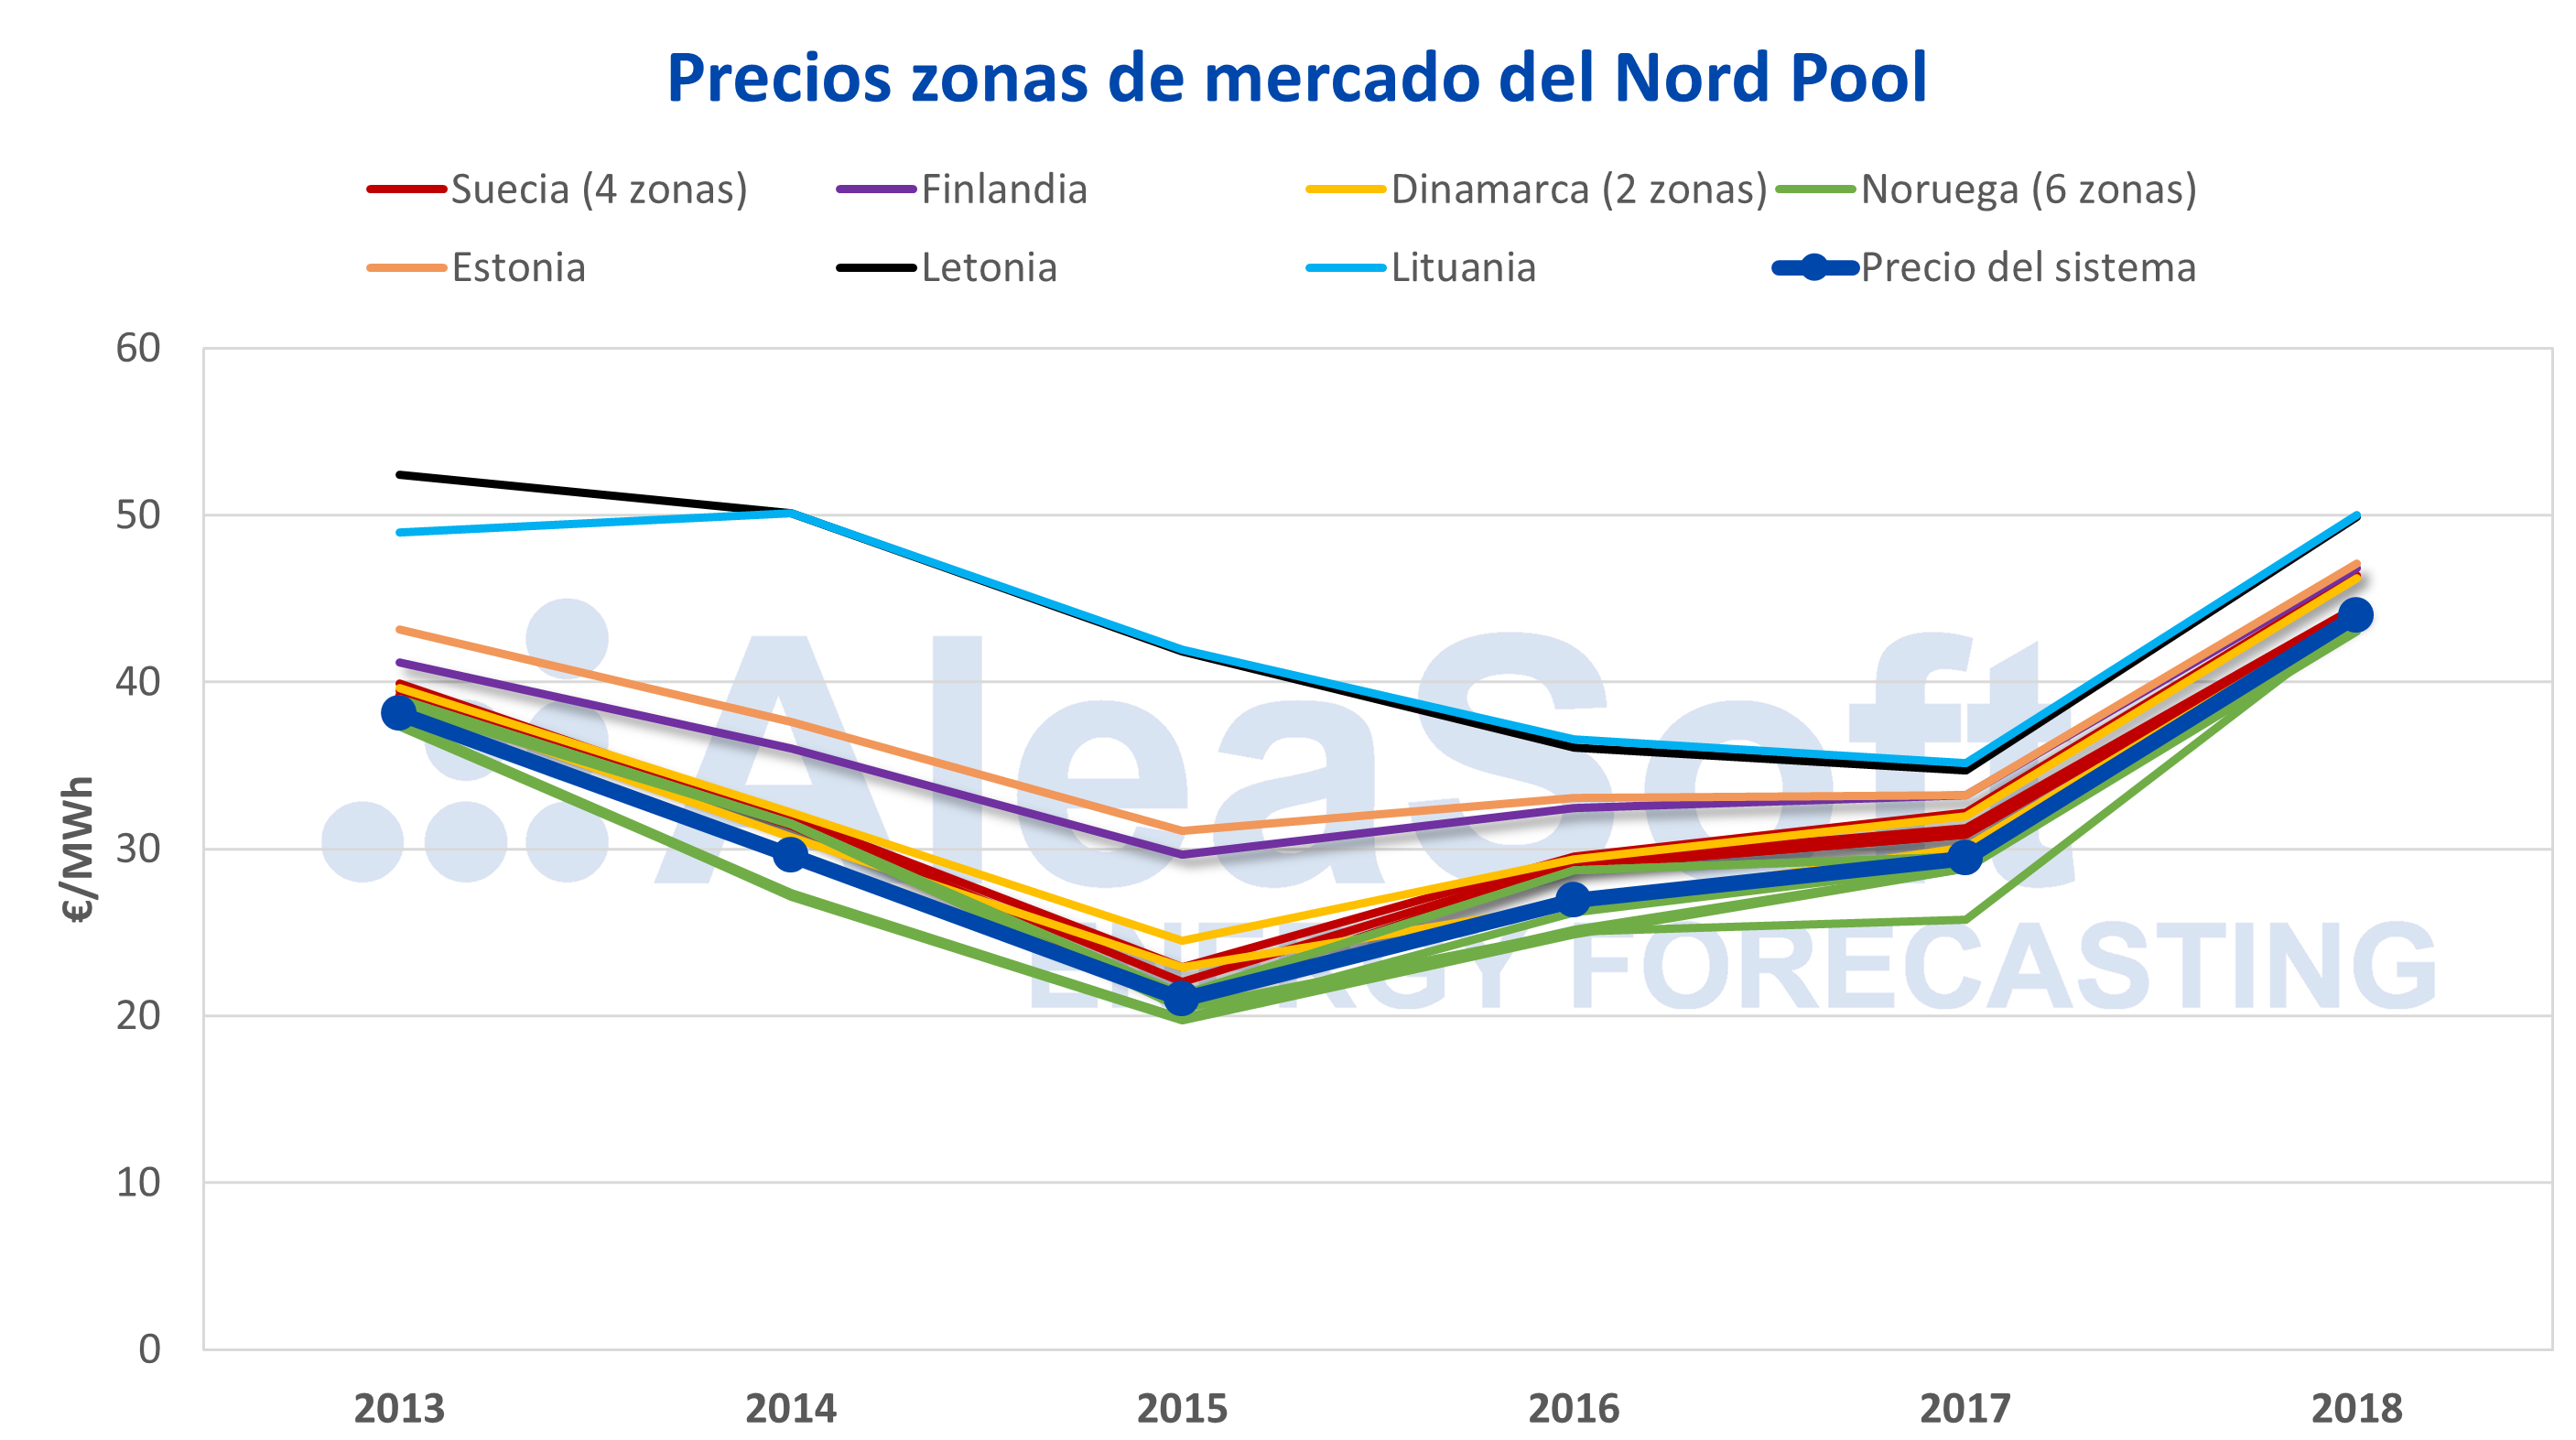 AleaSoft - Precios zonas mercados electricidad Nord Pool